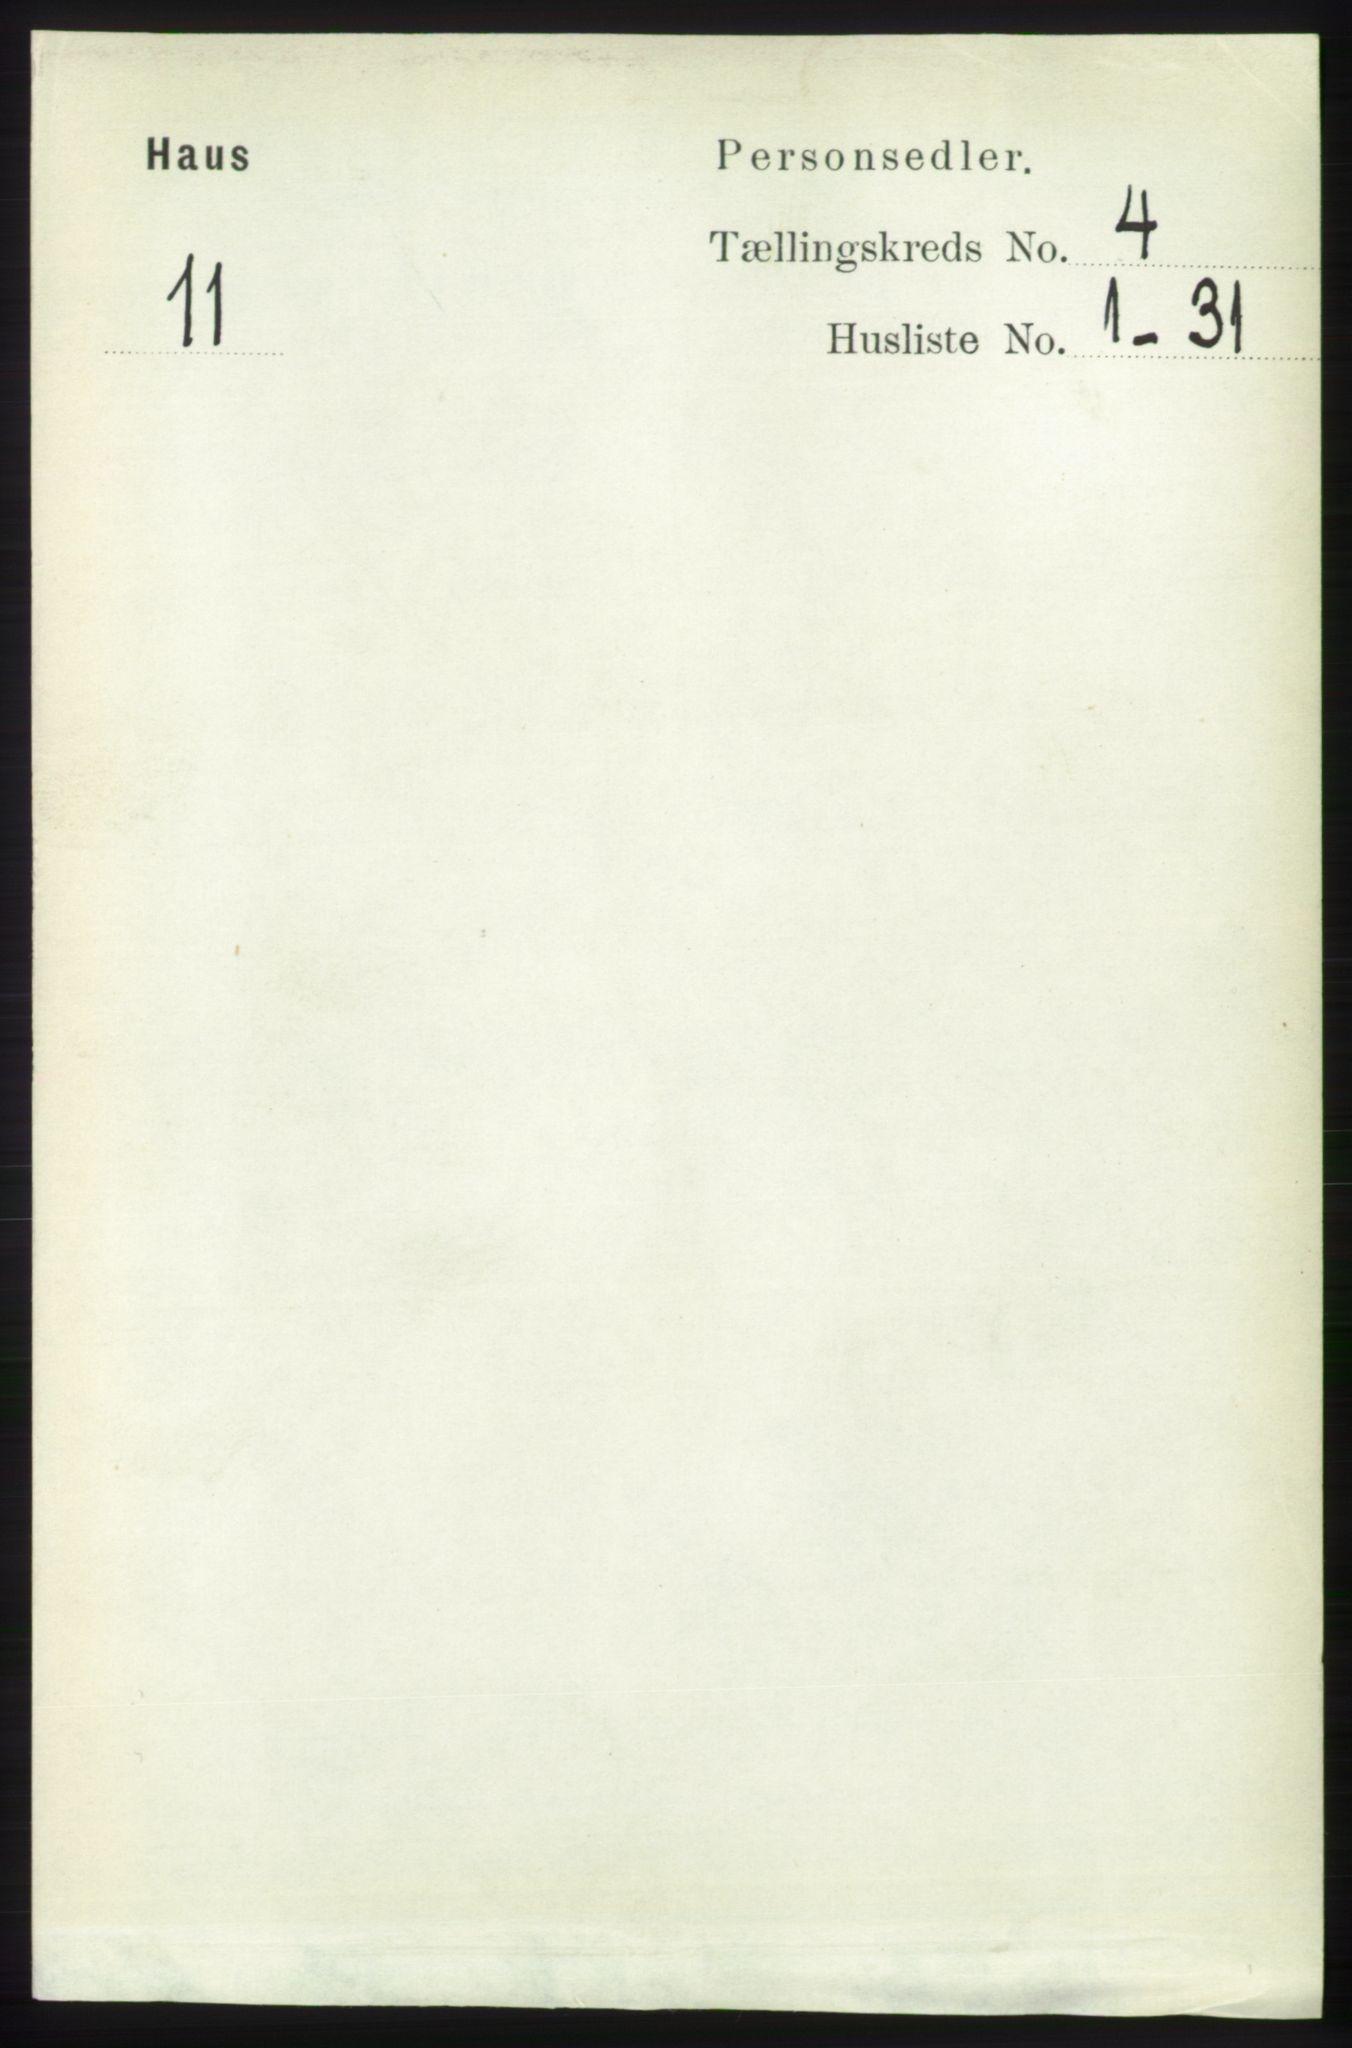 RA, Folketelling 1891 for 1250 Haus herred, 1891, s. 1403